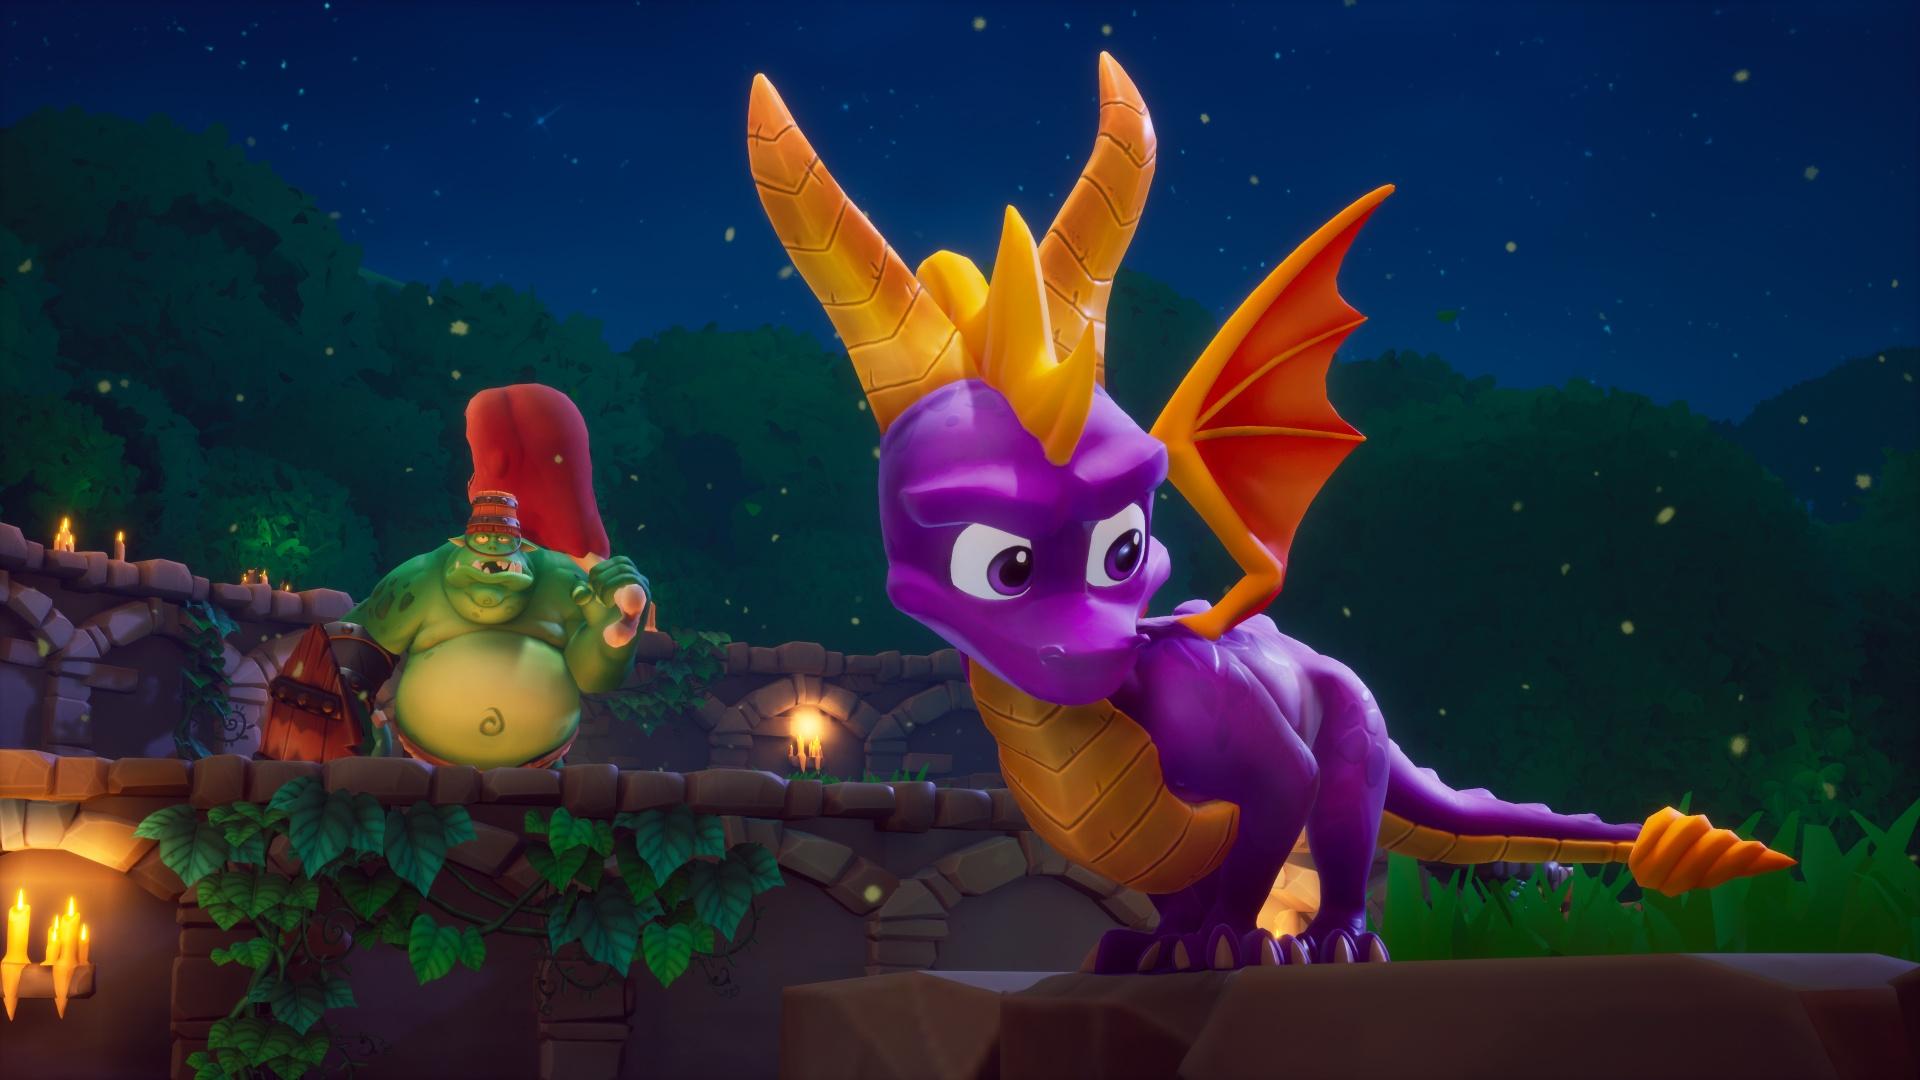 Английская розница: Spyro Reignited Trilogy заняла второе место благодаря релизу на Switch